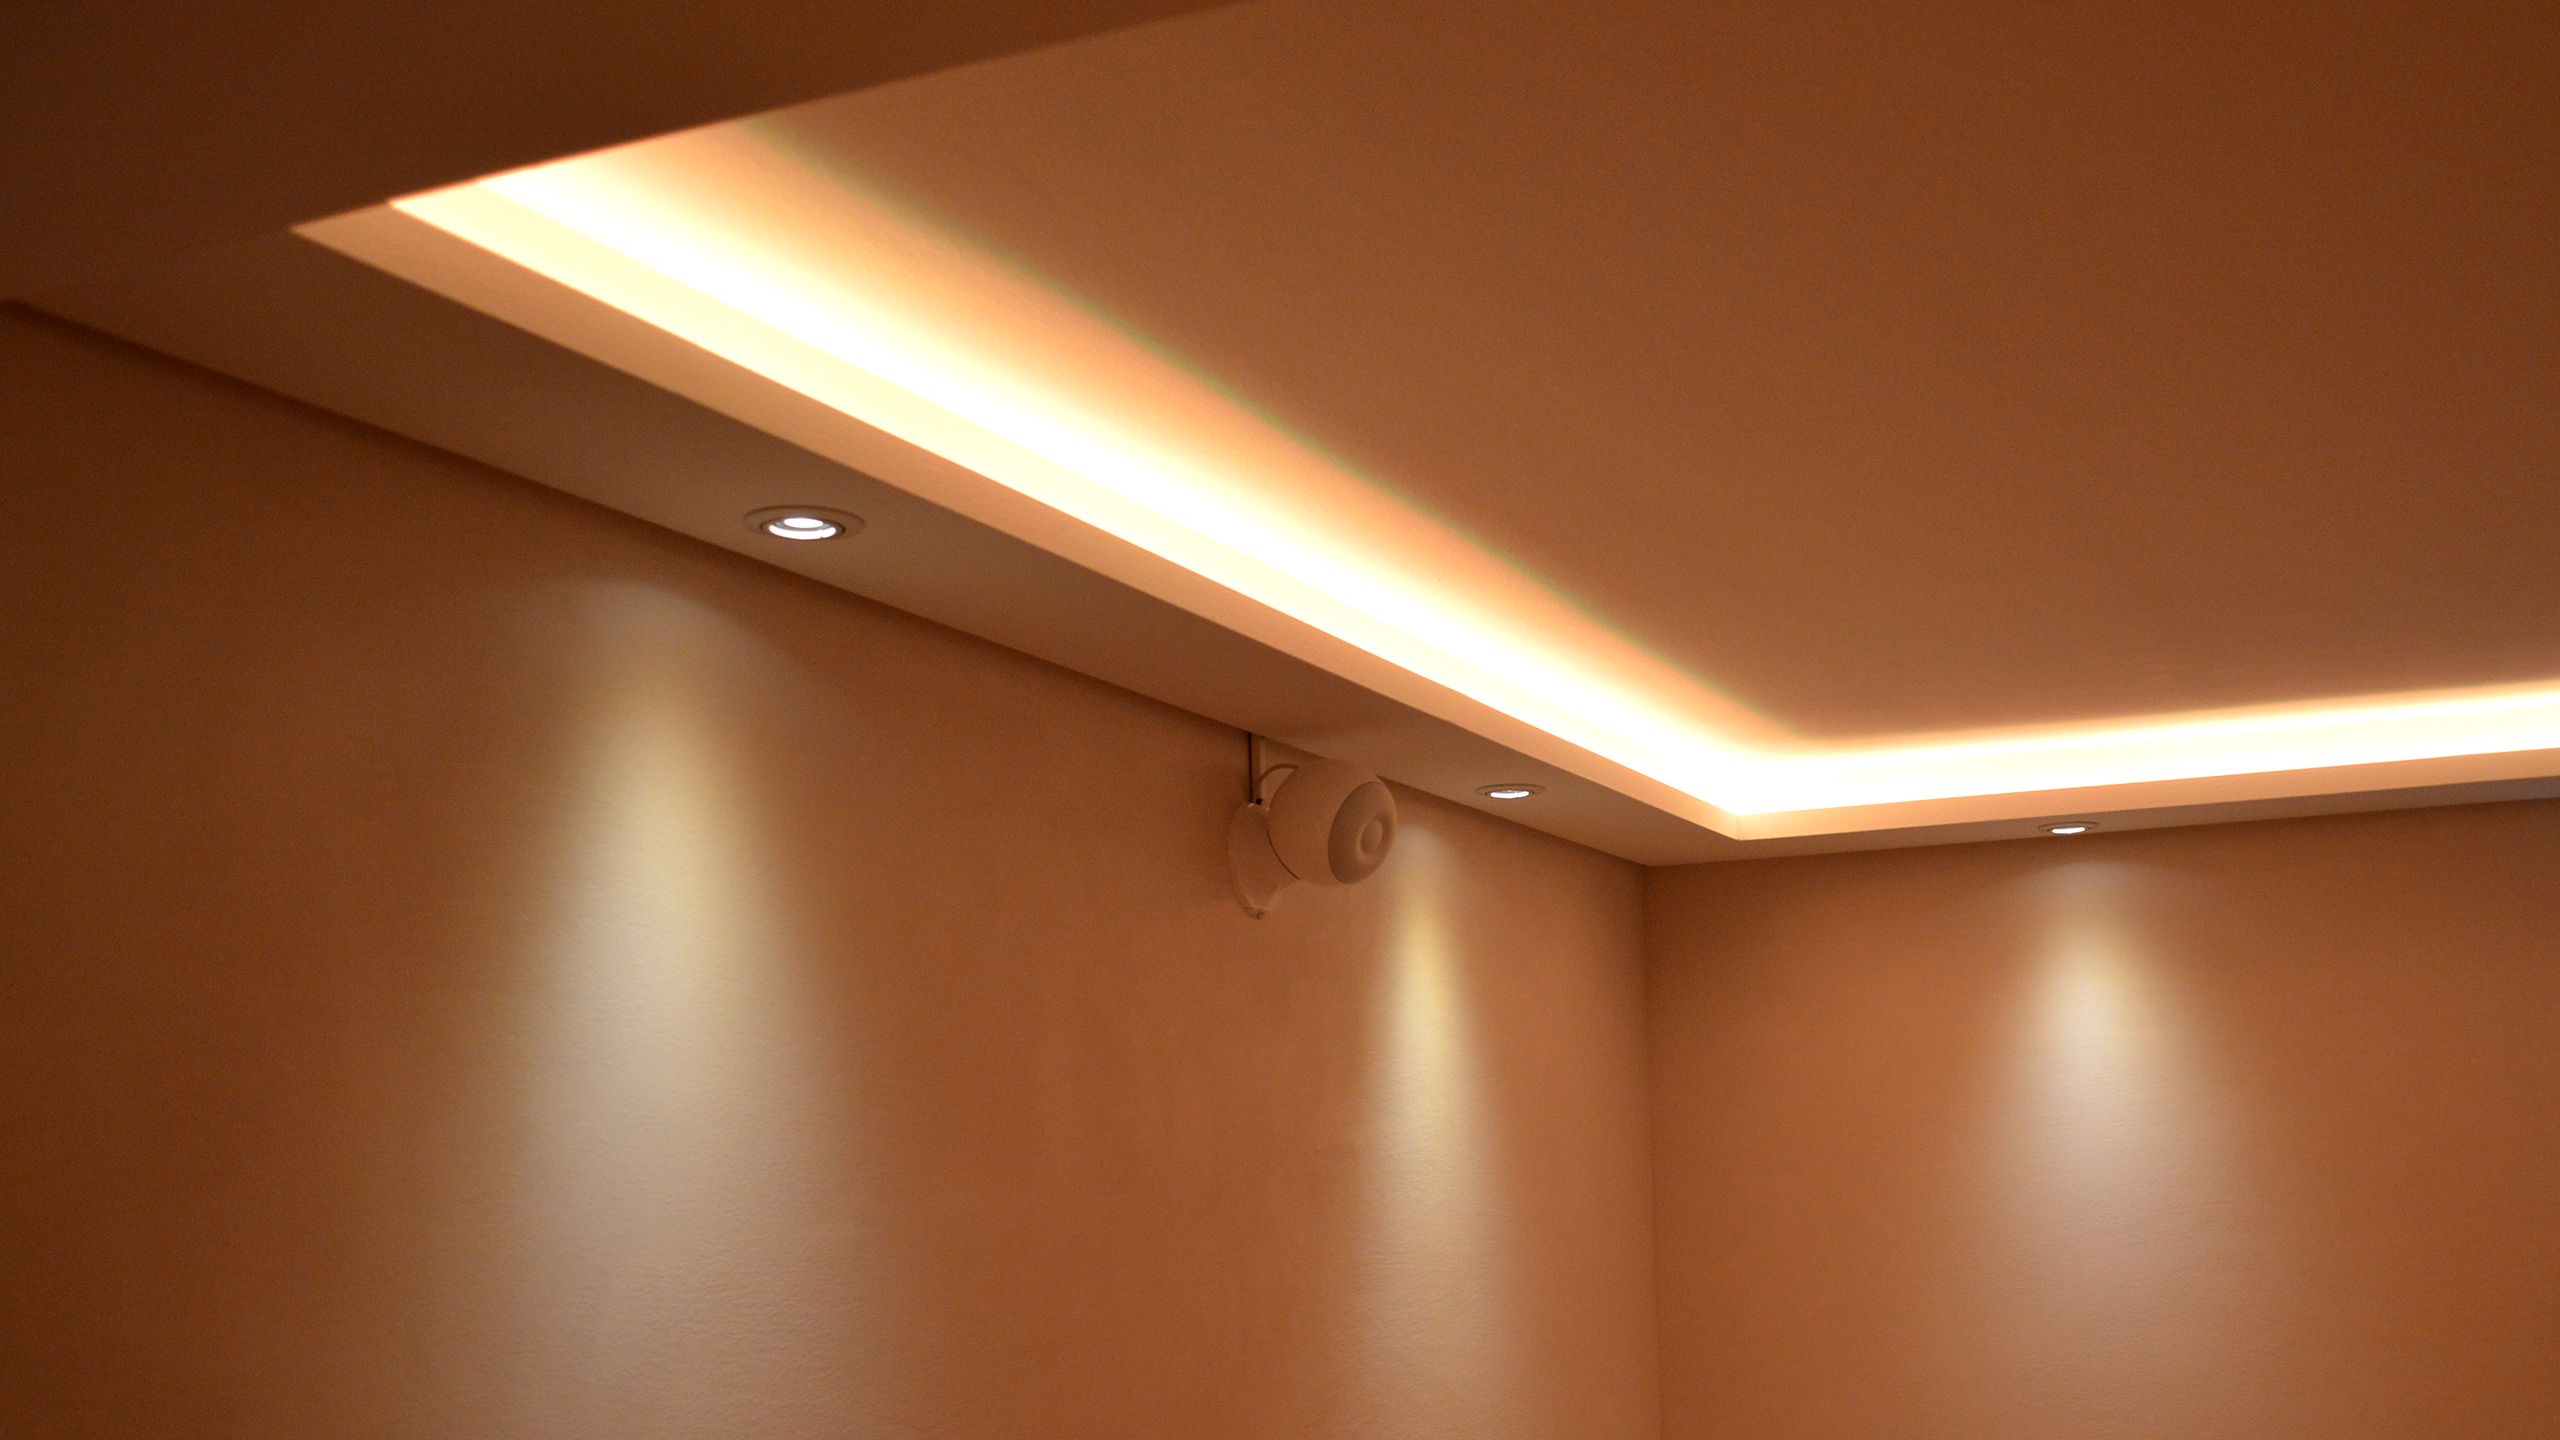 Lichtprofile für Spots und/oder LED-Streifen - BENDU - Stuckleisten, Lichtvouten und ...